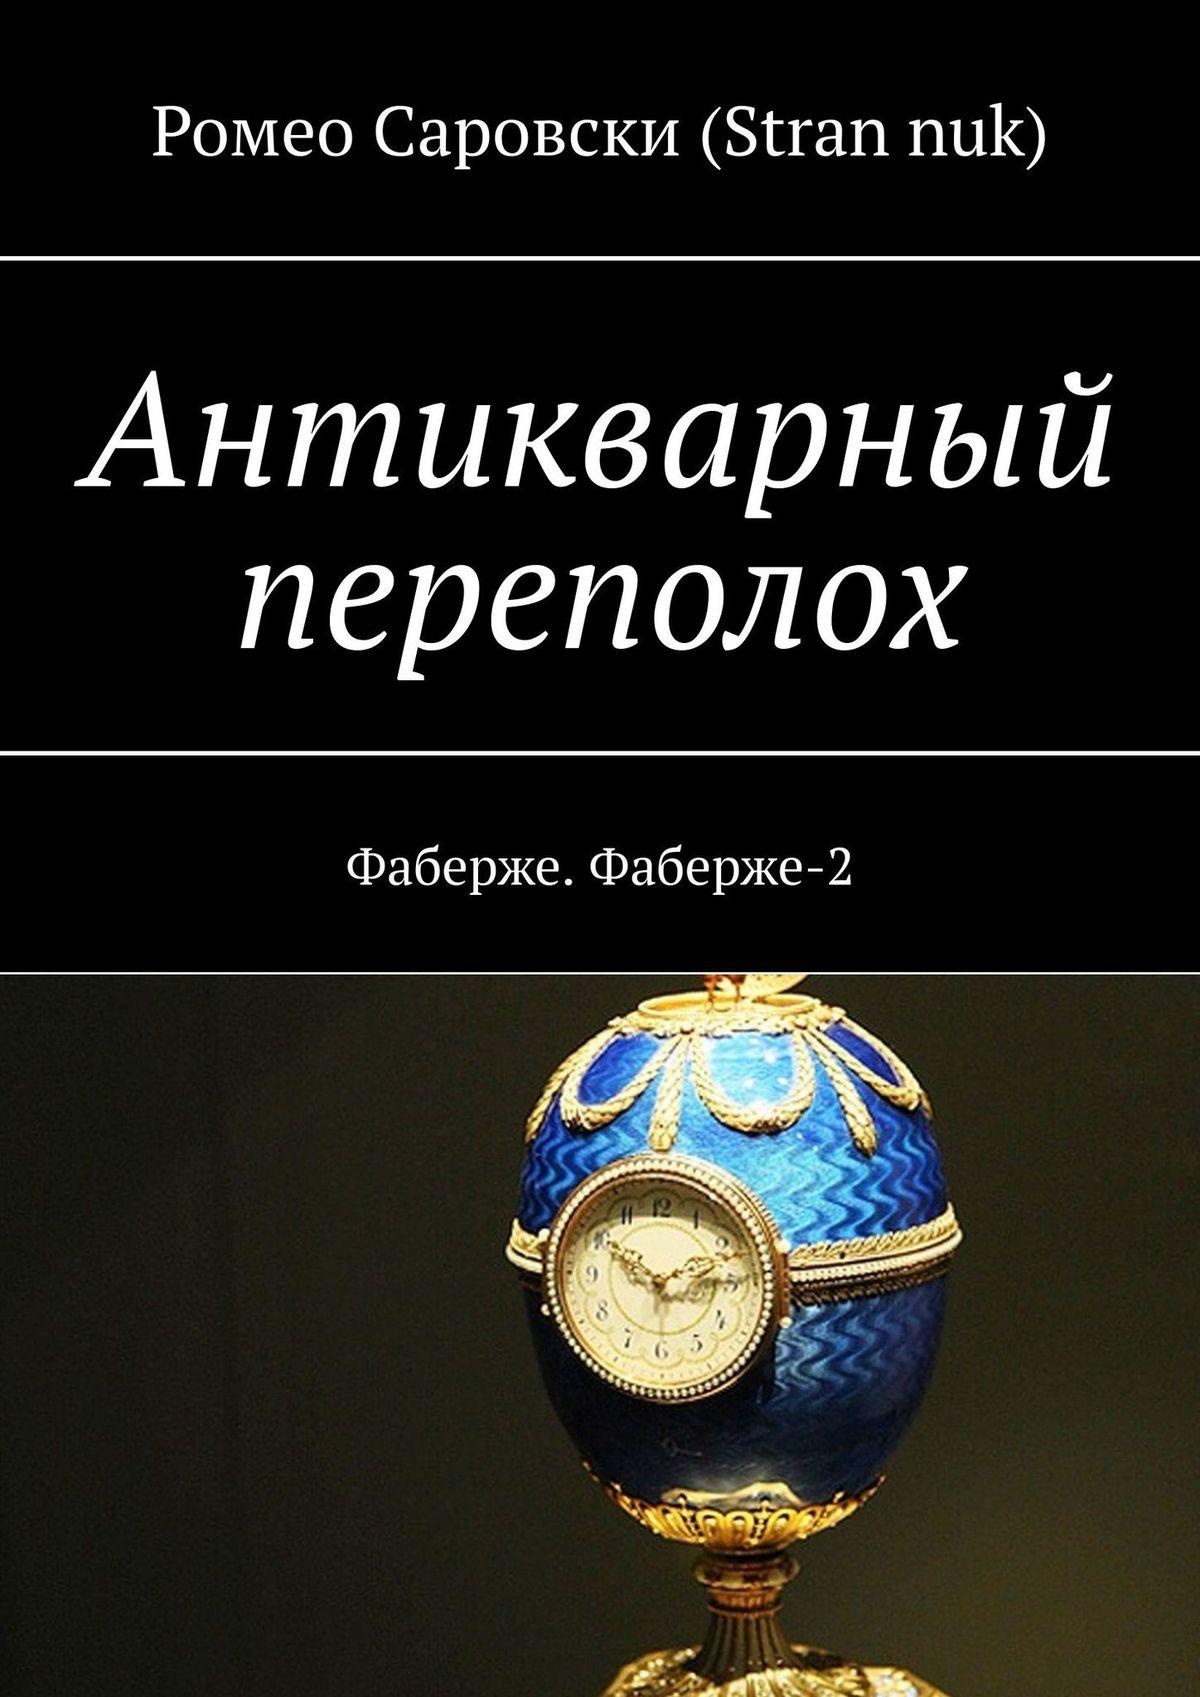 Роман Чукмасов (Strannuk) Антикварный переполох. Фаберже. Фаберже-2